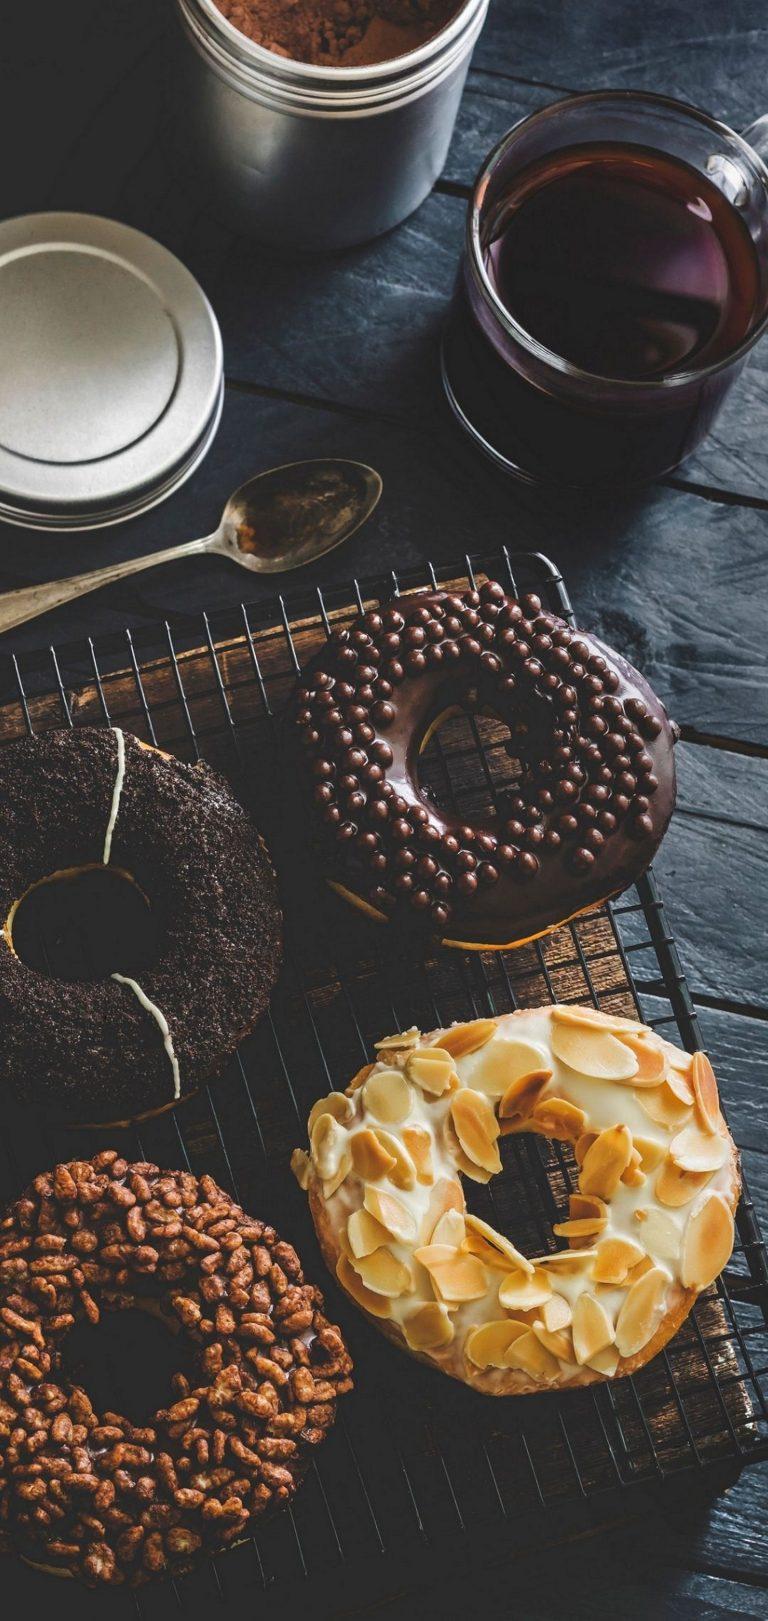 Sweet Donuts Icing Tea Wallpaper 1440x3040 768x1621